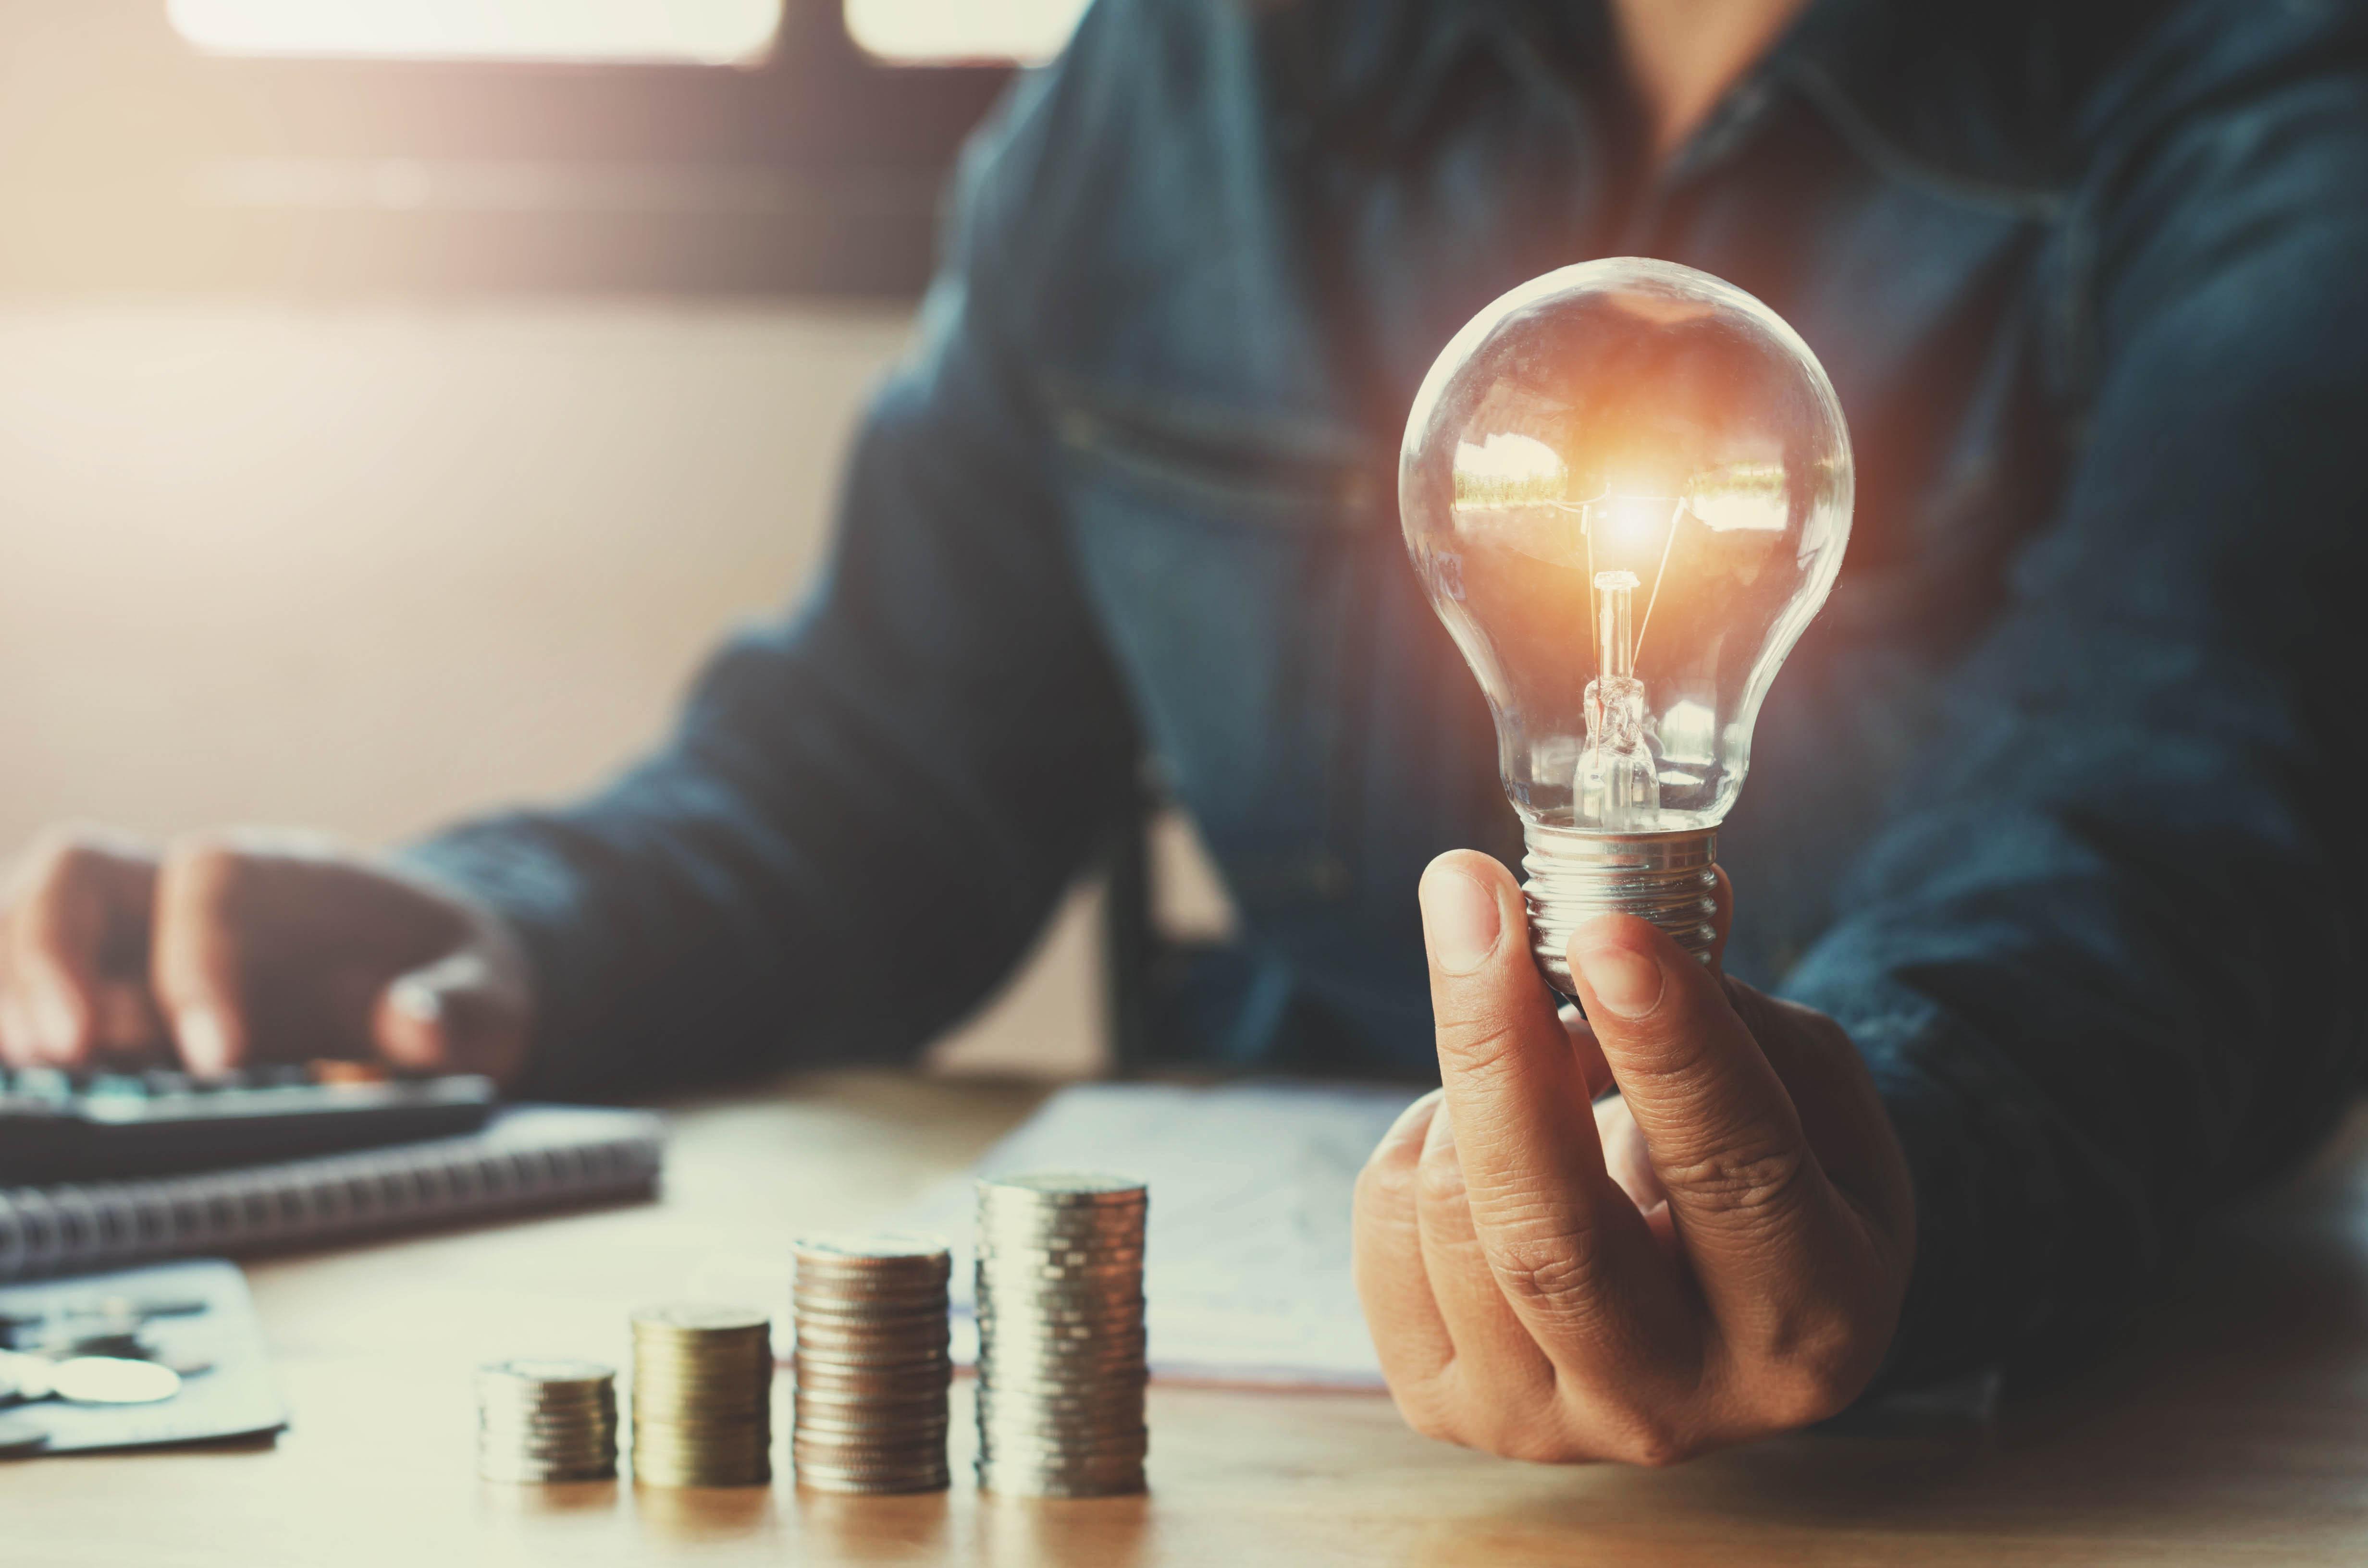 Economia de energia pode diminuir custos da loja